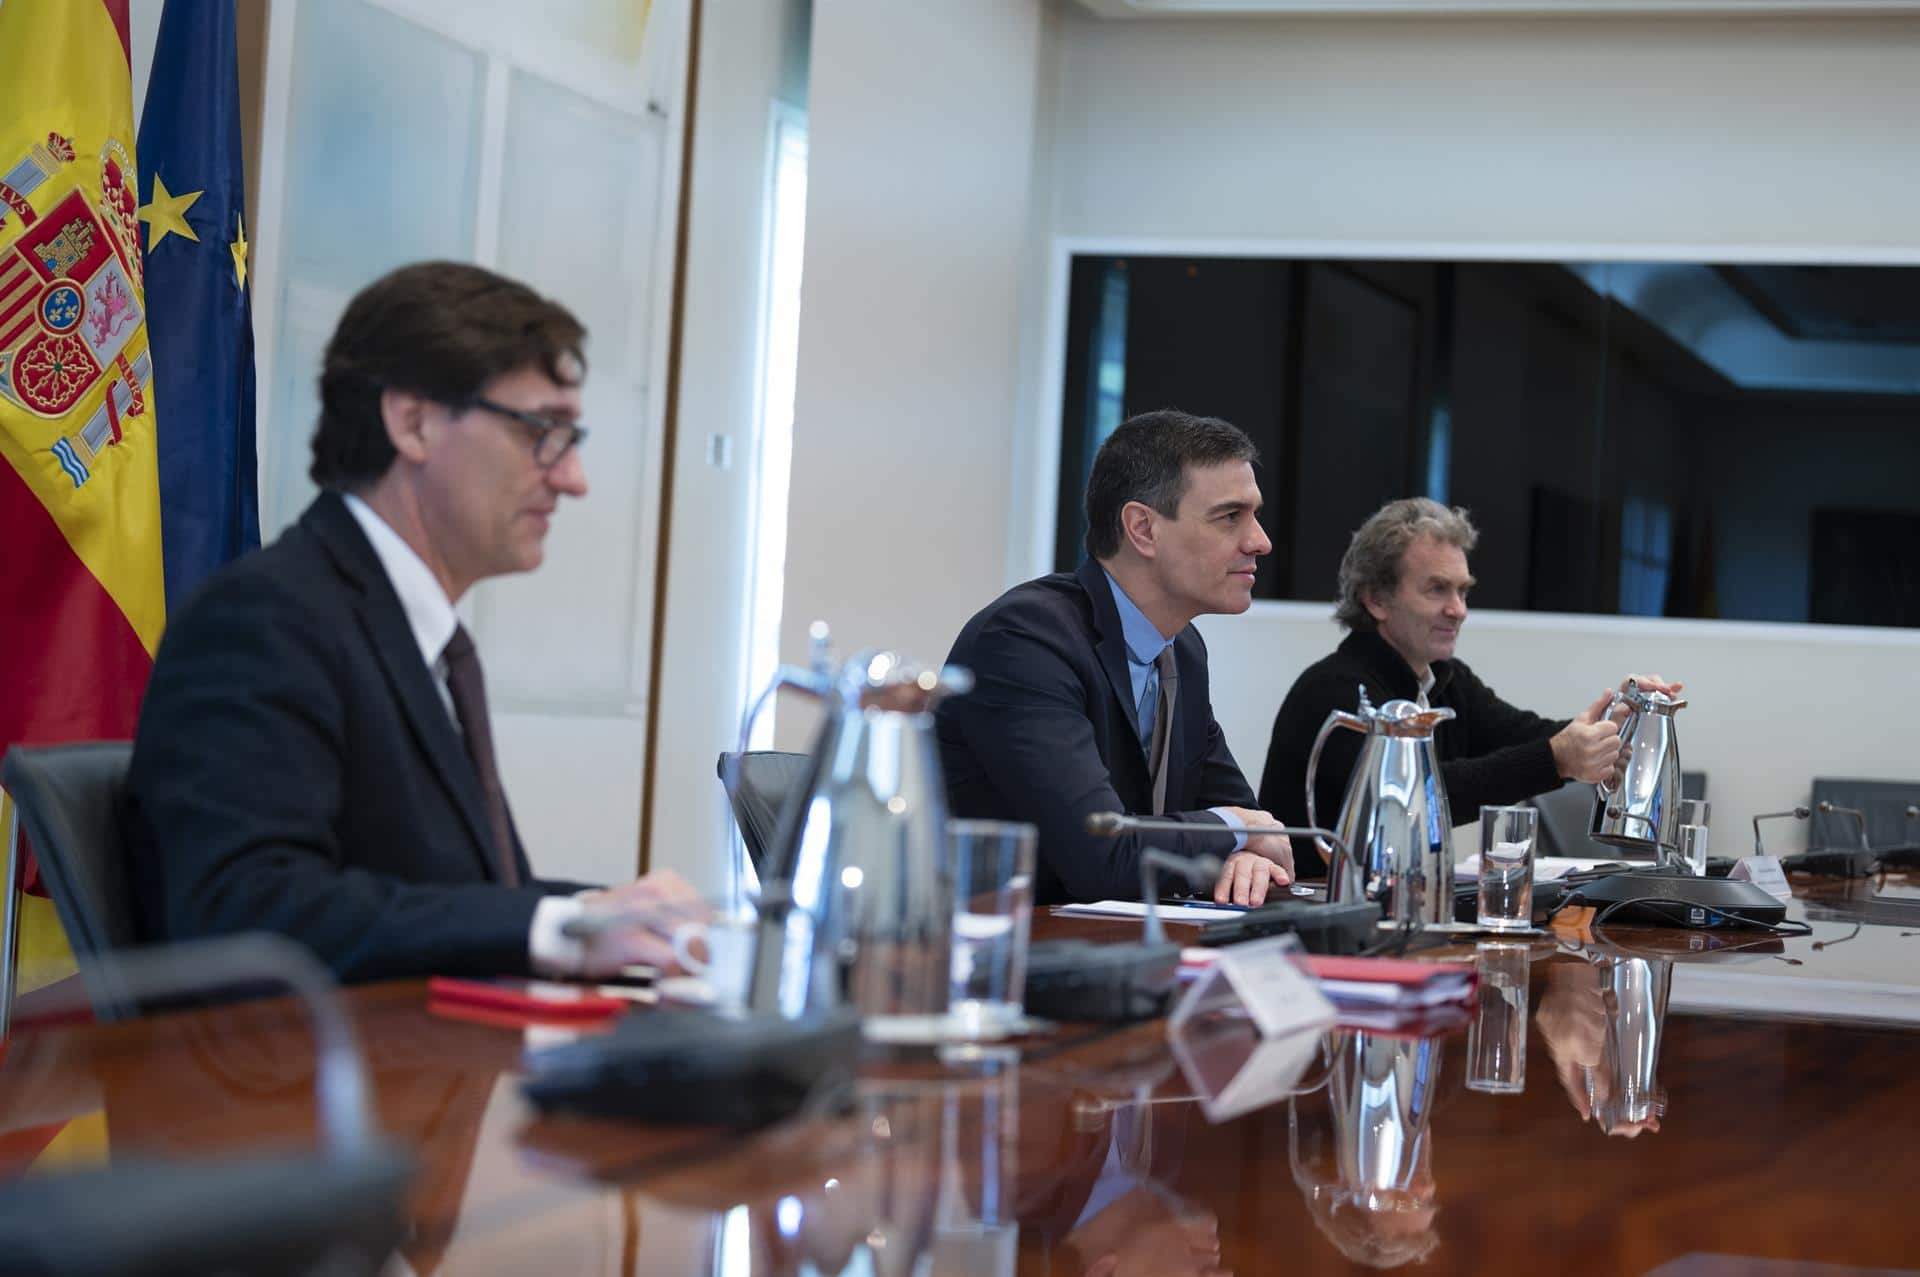 El ministro de Sanidad, Salvador Illa; el presidente del Gobierno, Pedro Sánchez; y el director del Centro de Coordinación de Alertas y Emergencias Sanitarias del Ministerio de Sanidad